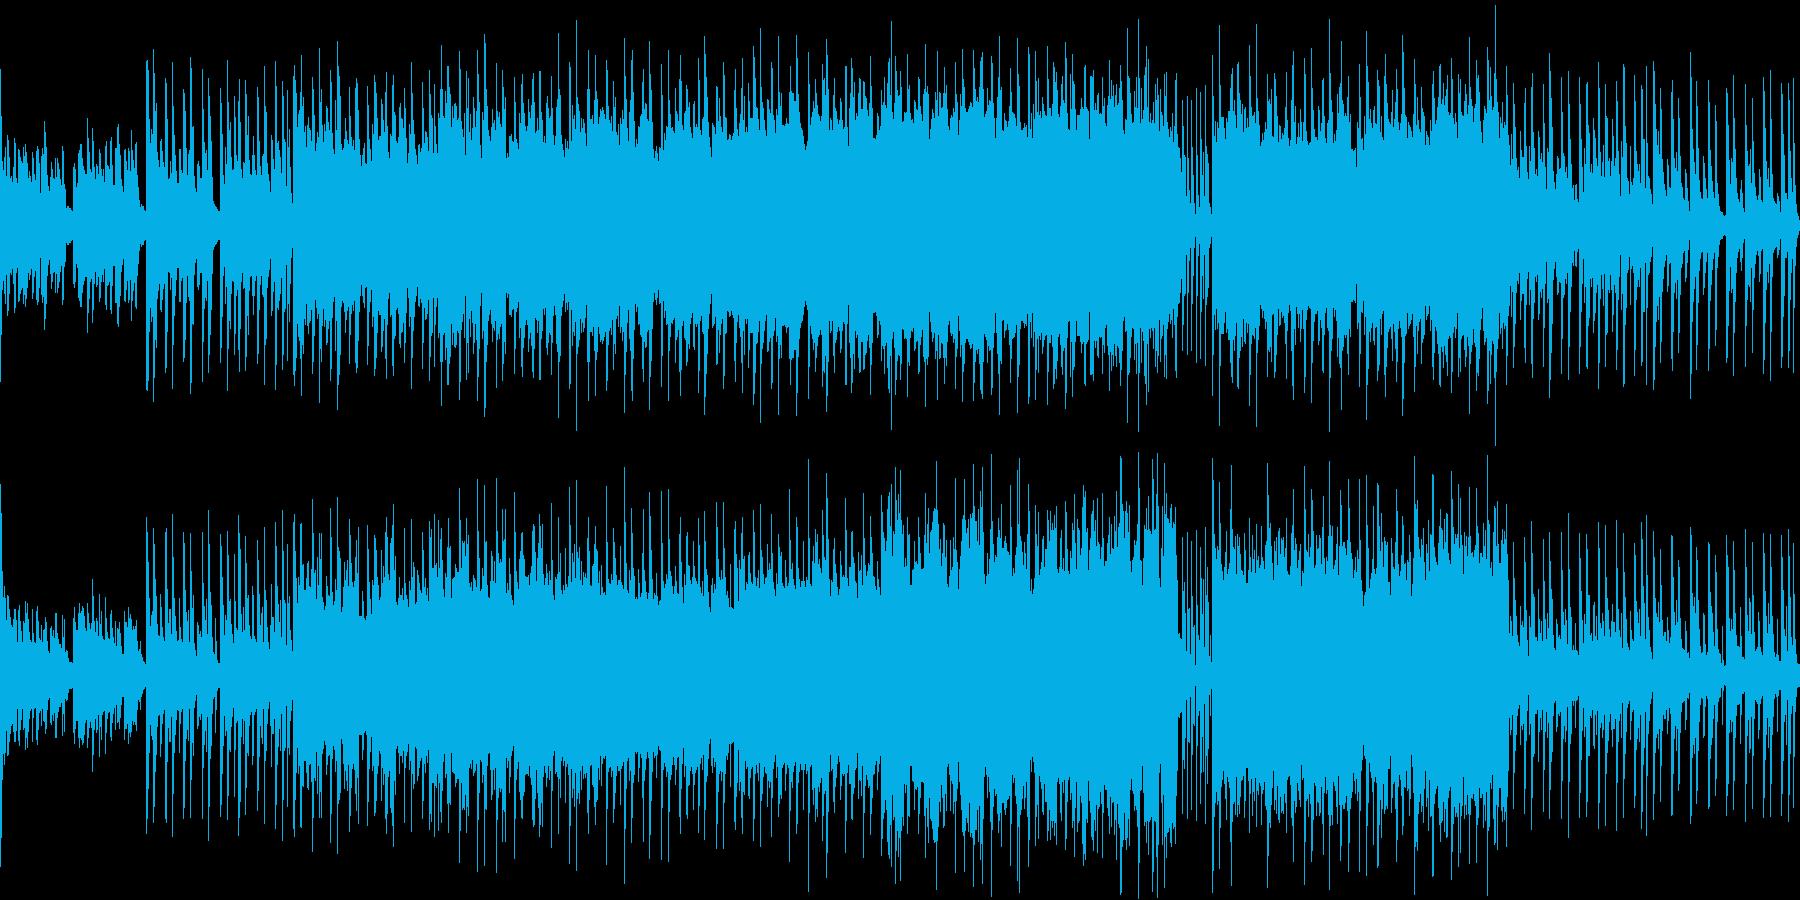 暗めで力強いピアノ&クールな電子ドラムの再生済みの波形